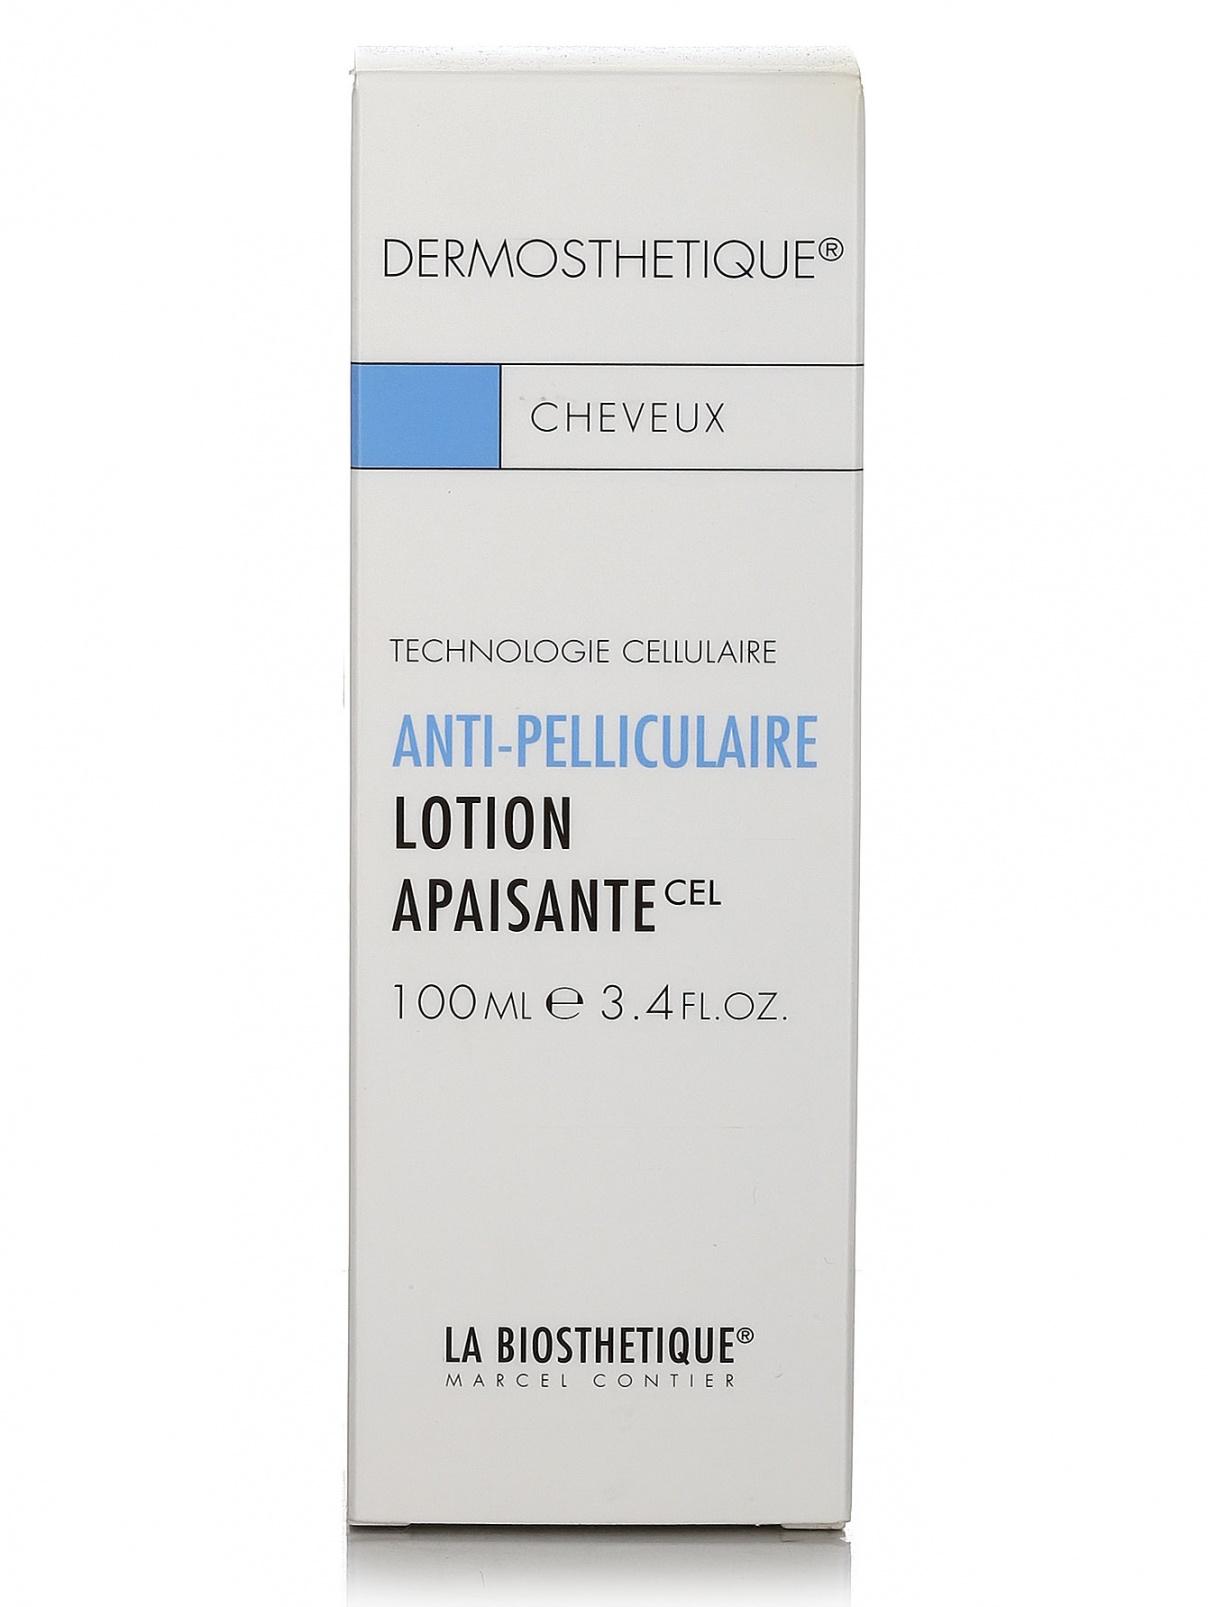 Лосьон Dermosthetique против перхоти - Hair Care, 100ml La Biosthetique  –  Модель Общий вид